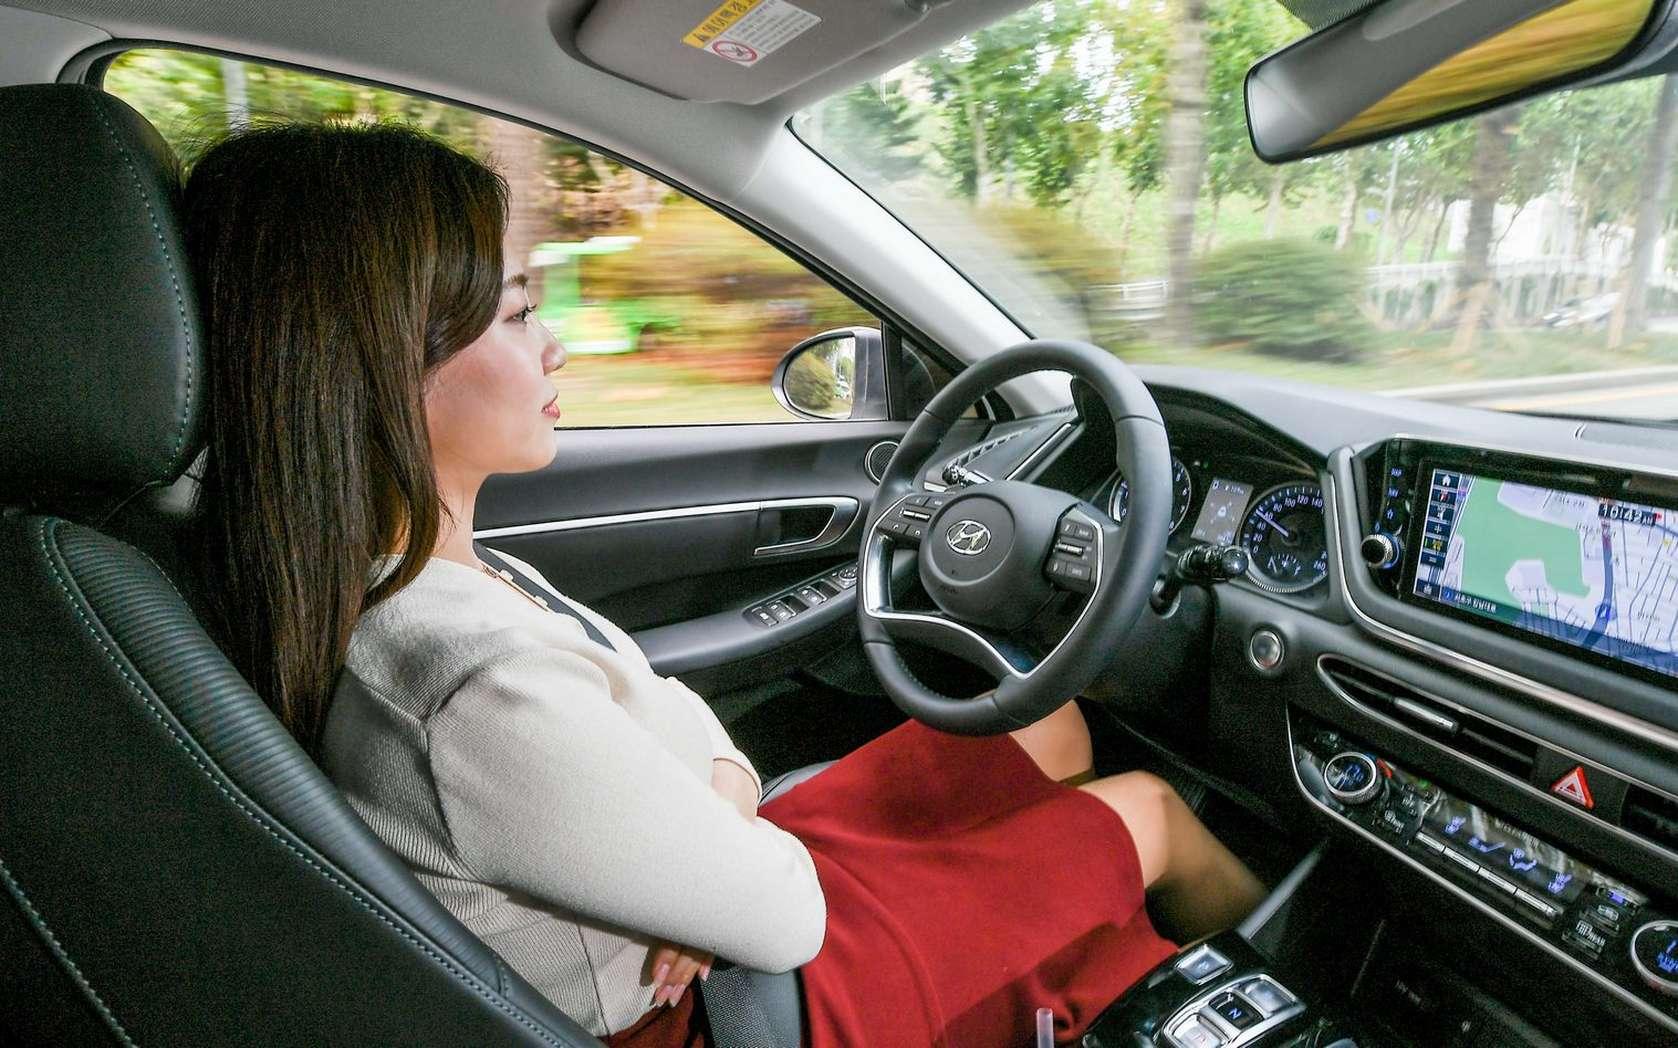 Hyundai espère rendre son régulateur de vitesse moins dérangeant en copiant le style du conducteur. © Hyundai